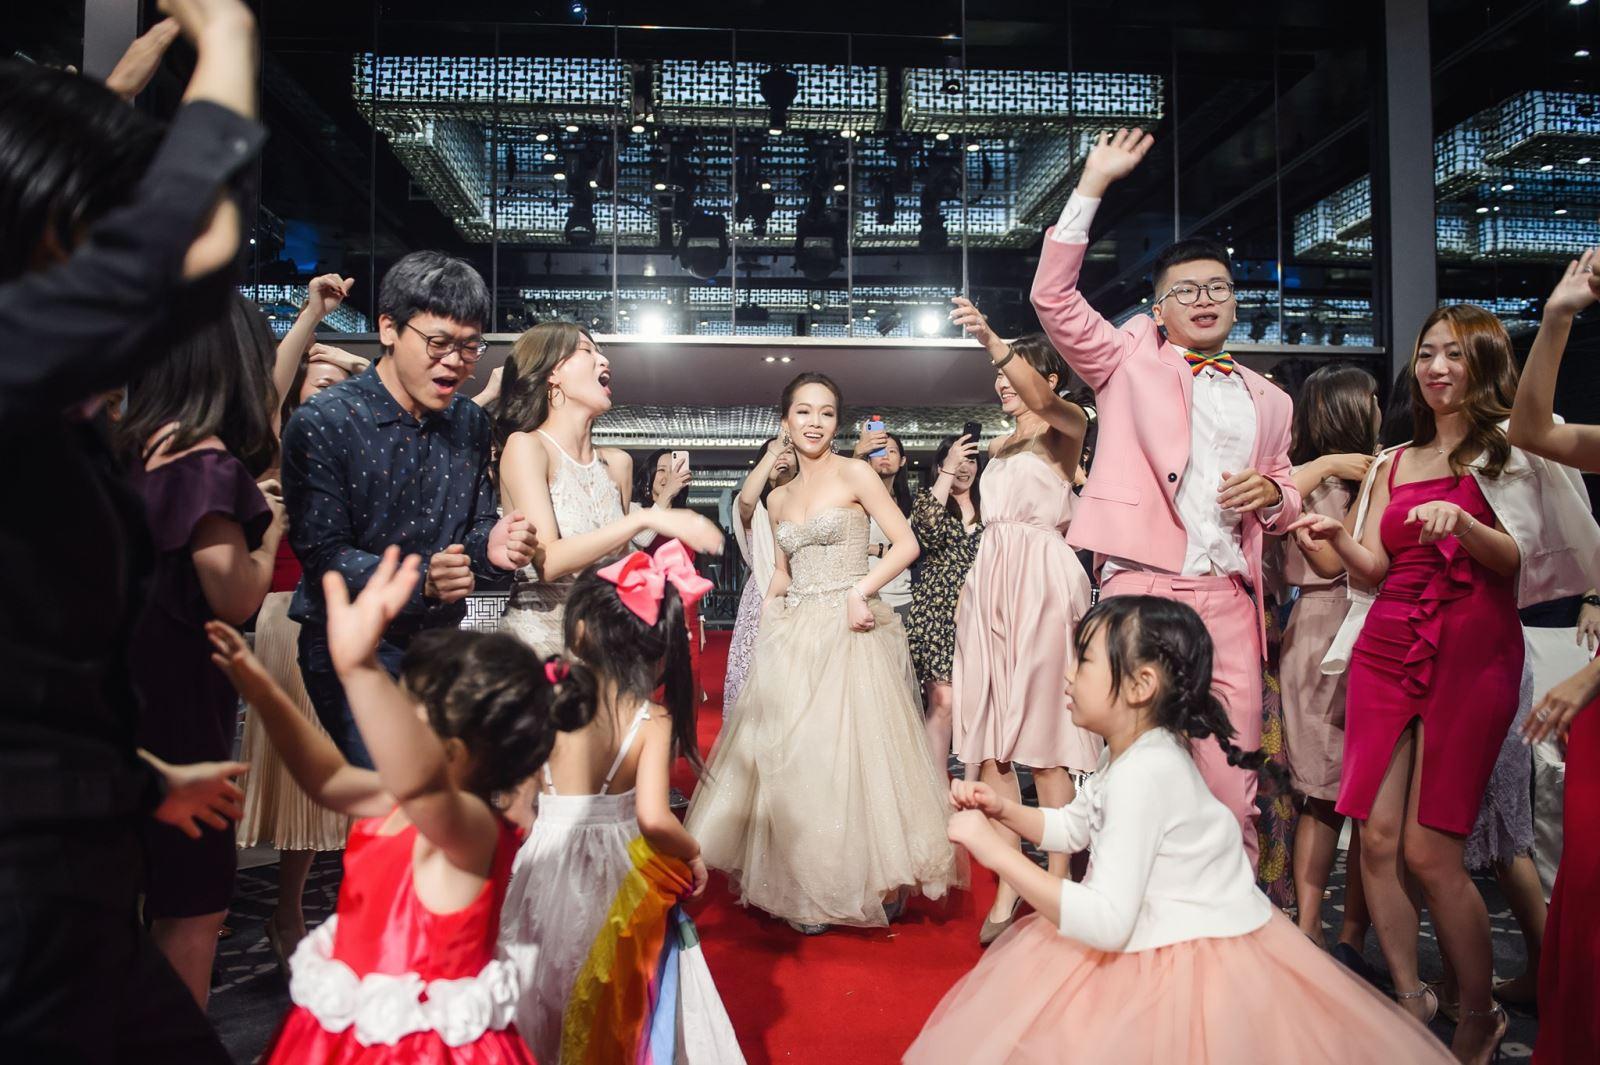 穿粉紅西裝參加婚禮